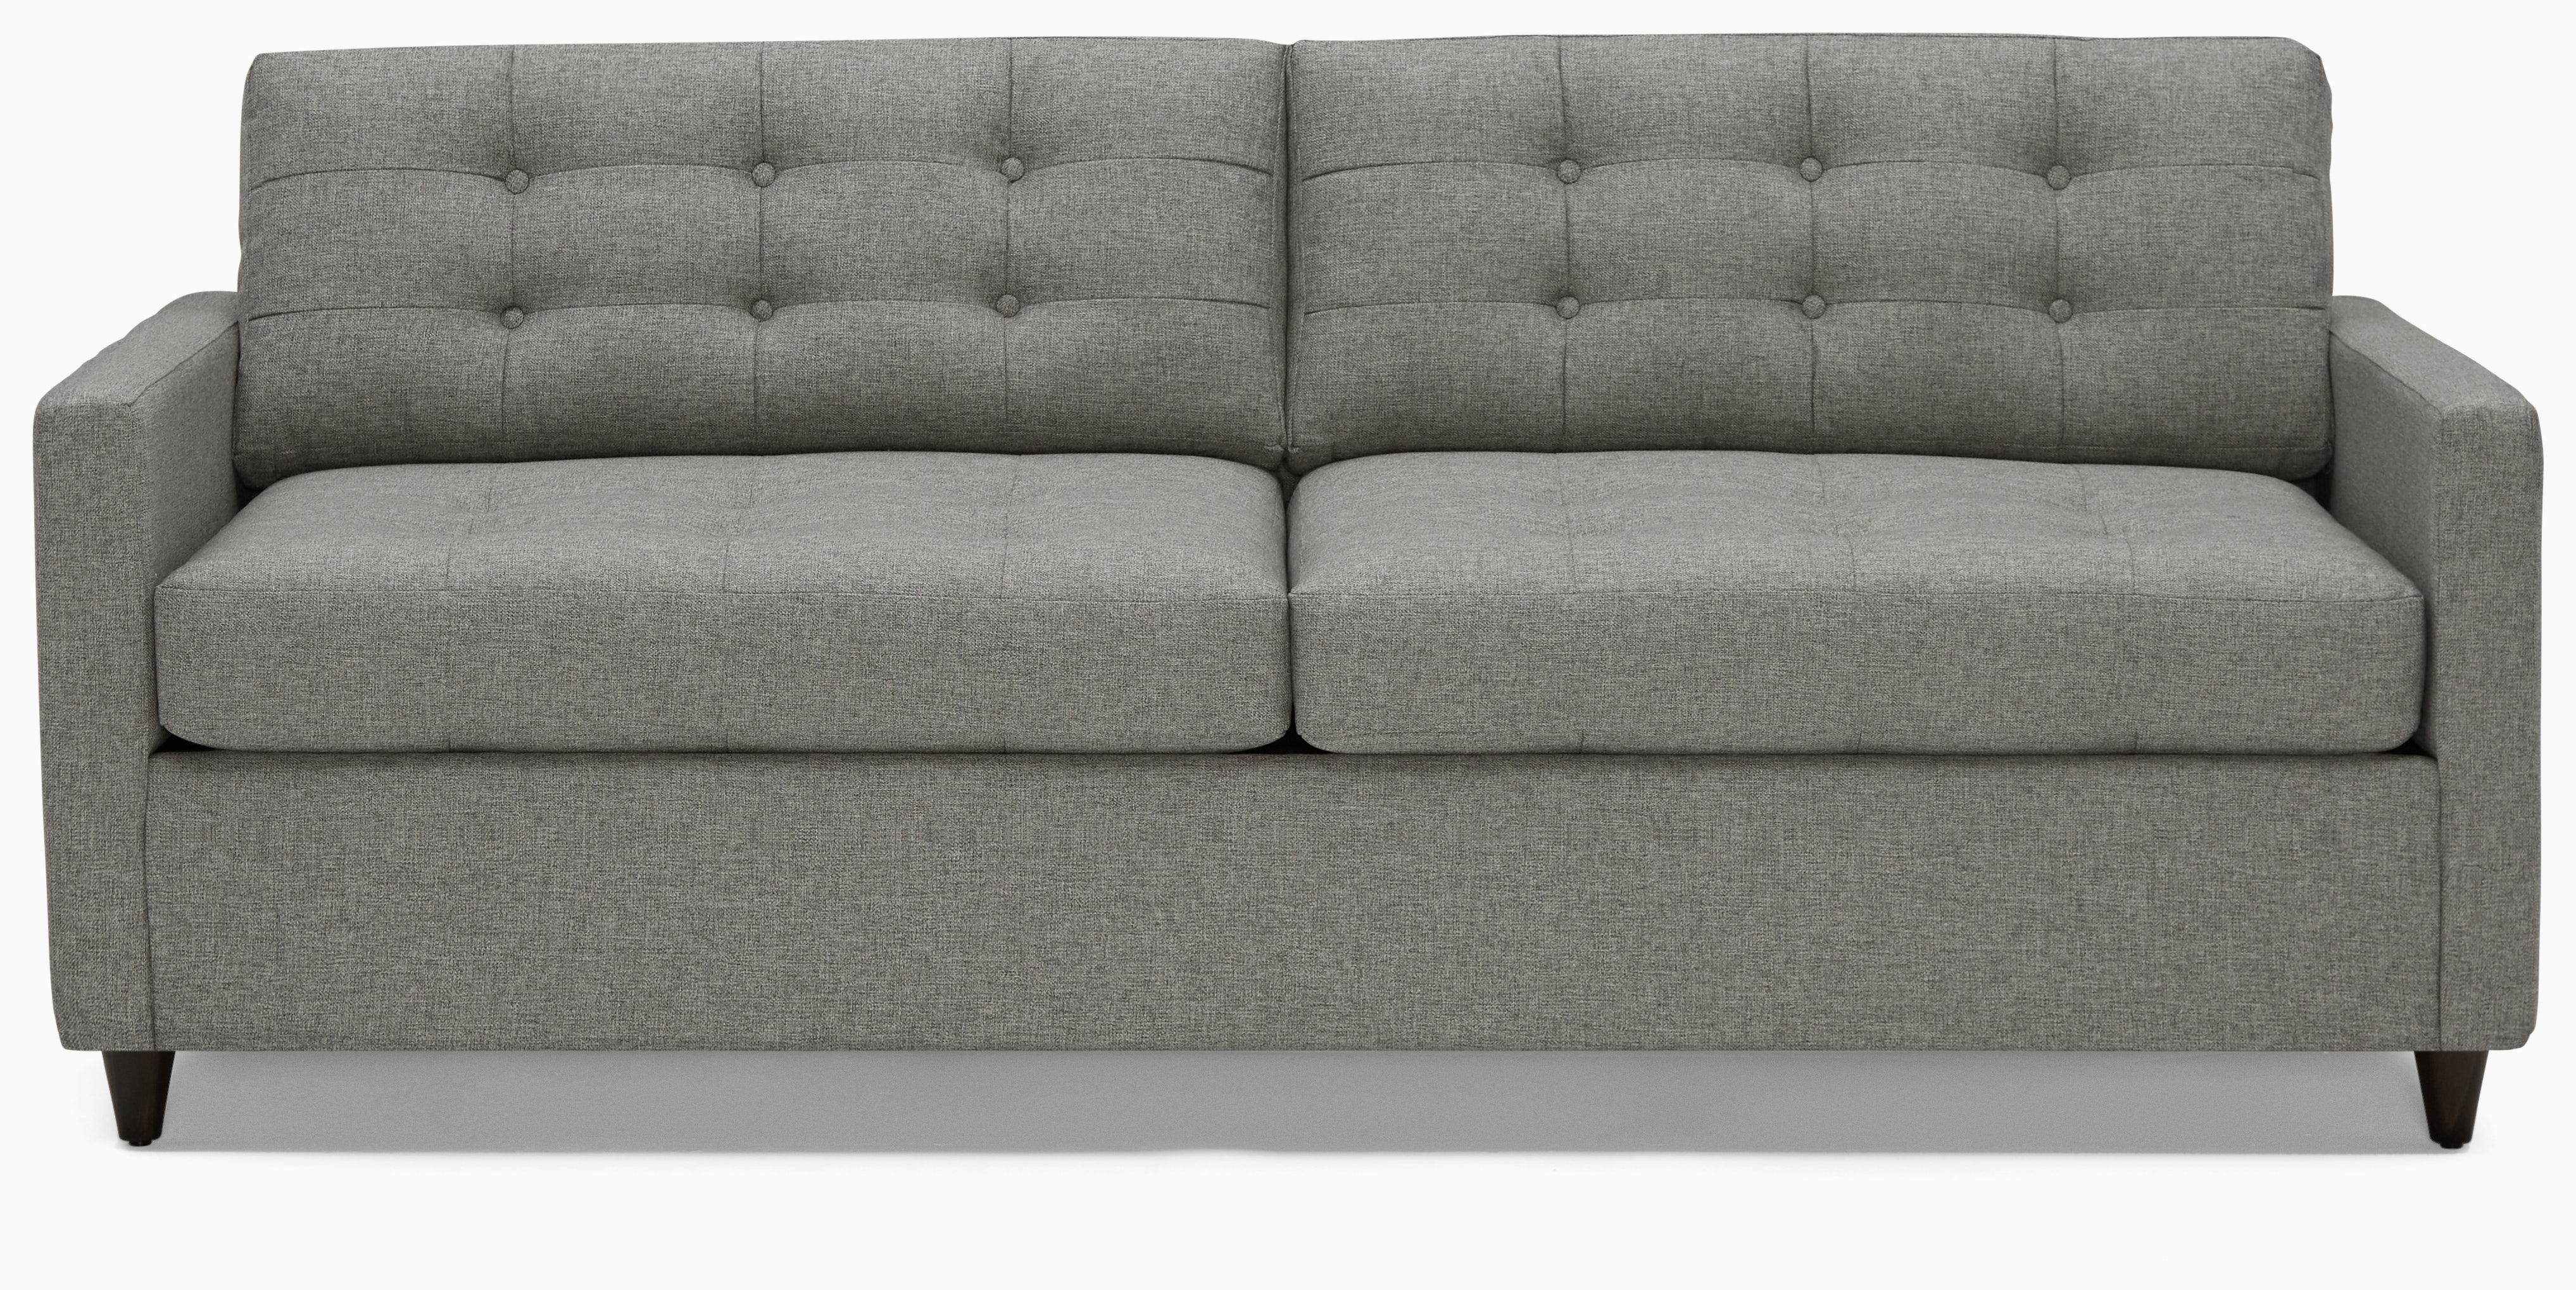 eliot sleeper sofa taylor felt grey